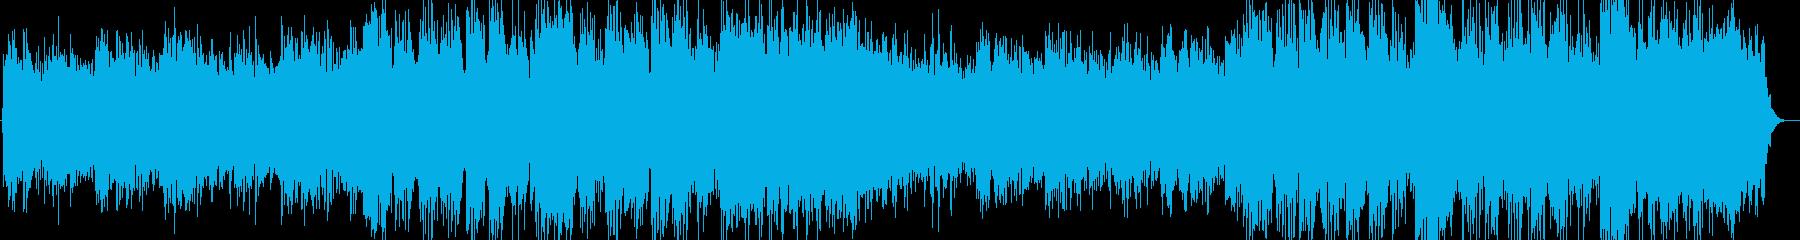 幻想的な和のキーボード演奏の再生済みの波形